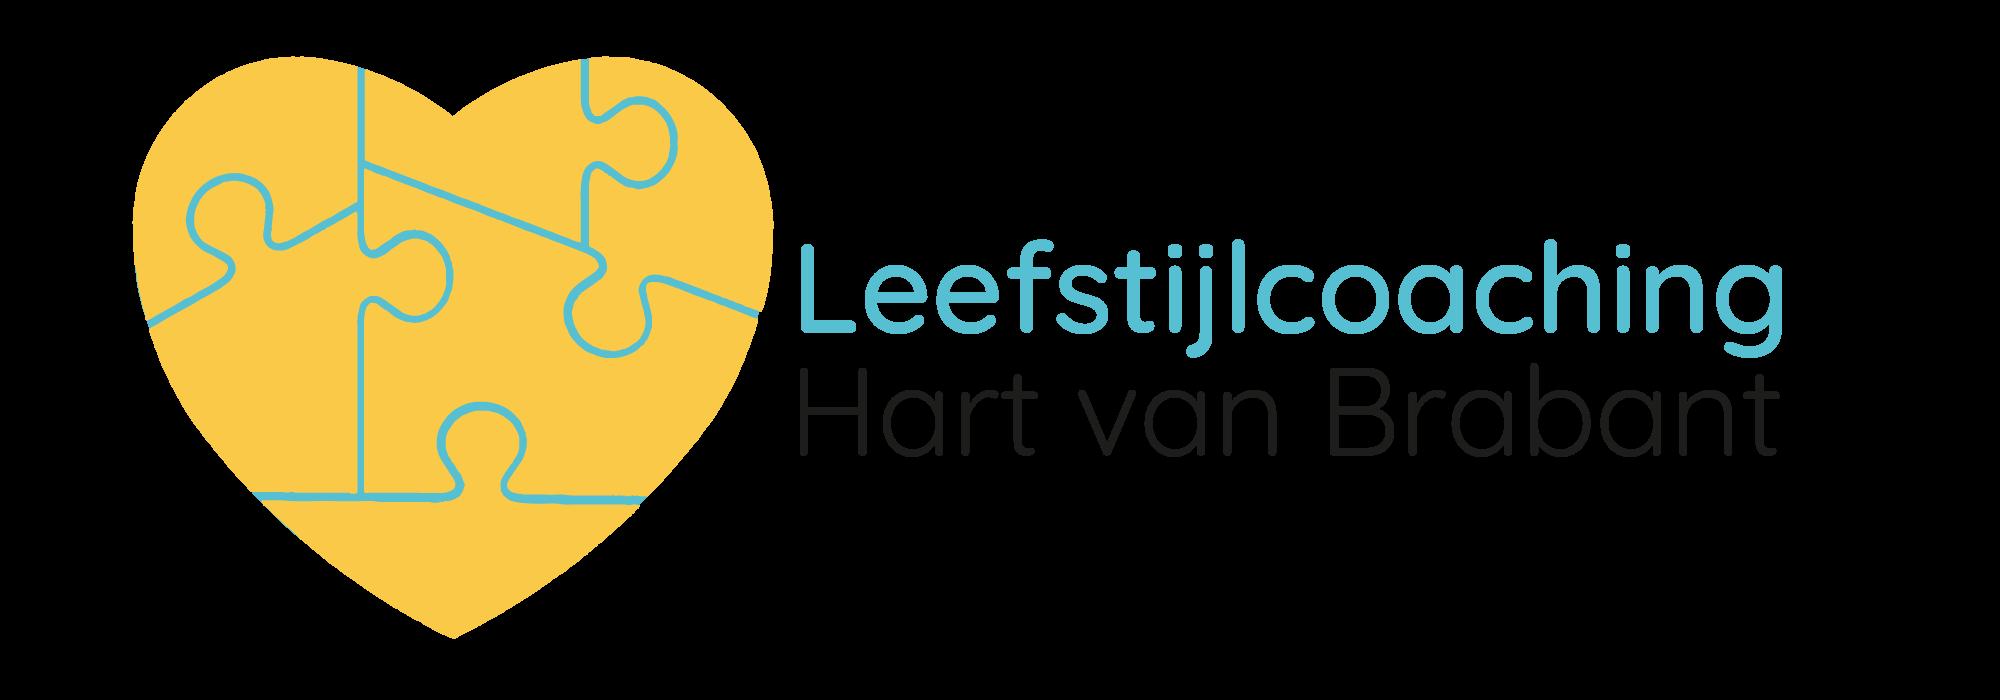 Leefstijlcoaching Hart van Brabant